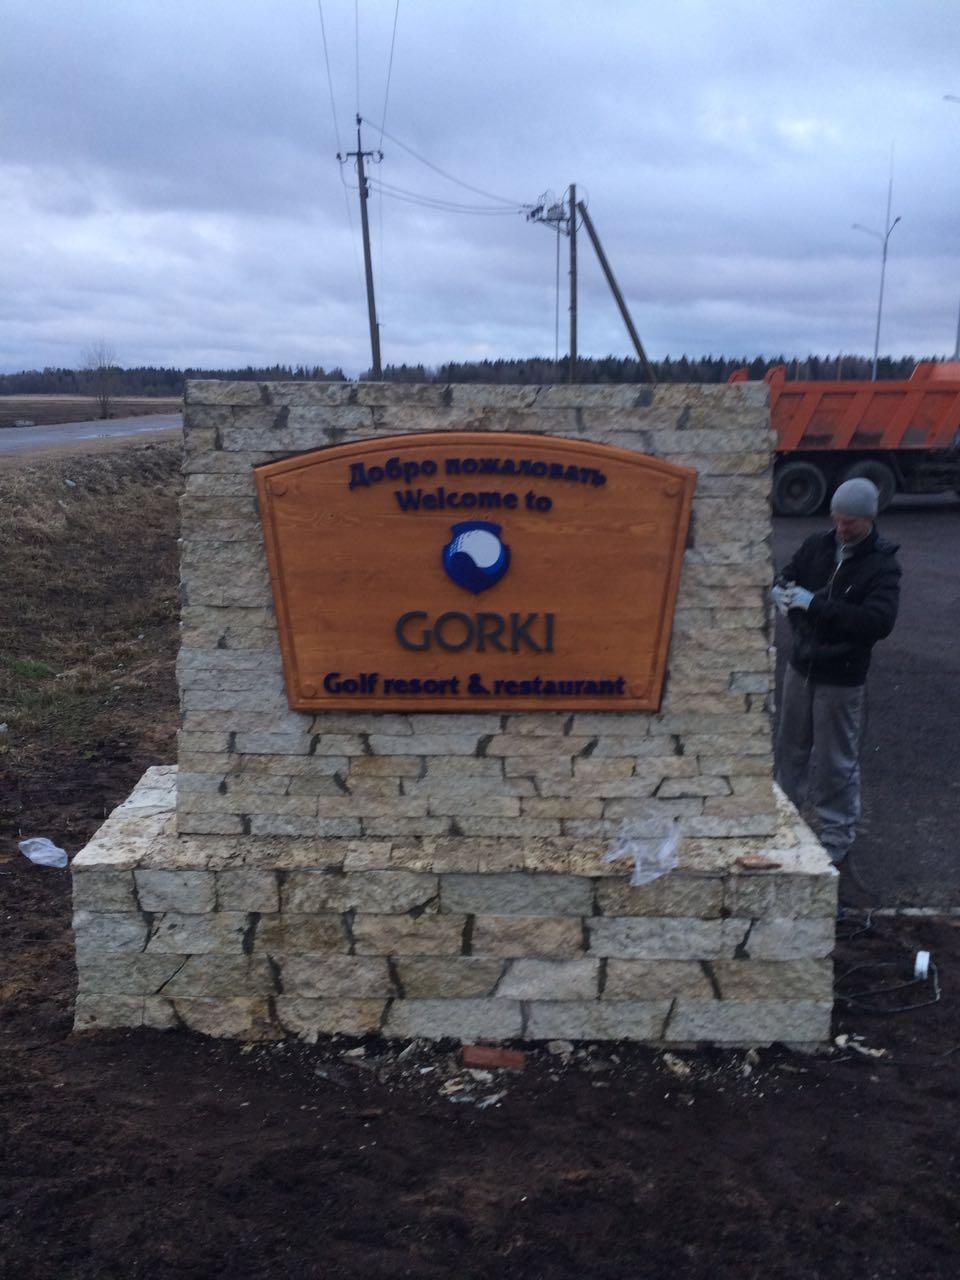 монтаж наземной рекламной установка для гольф-клуба GORKI ('Горки')